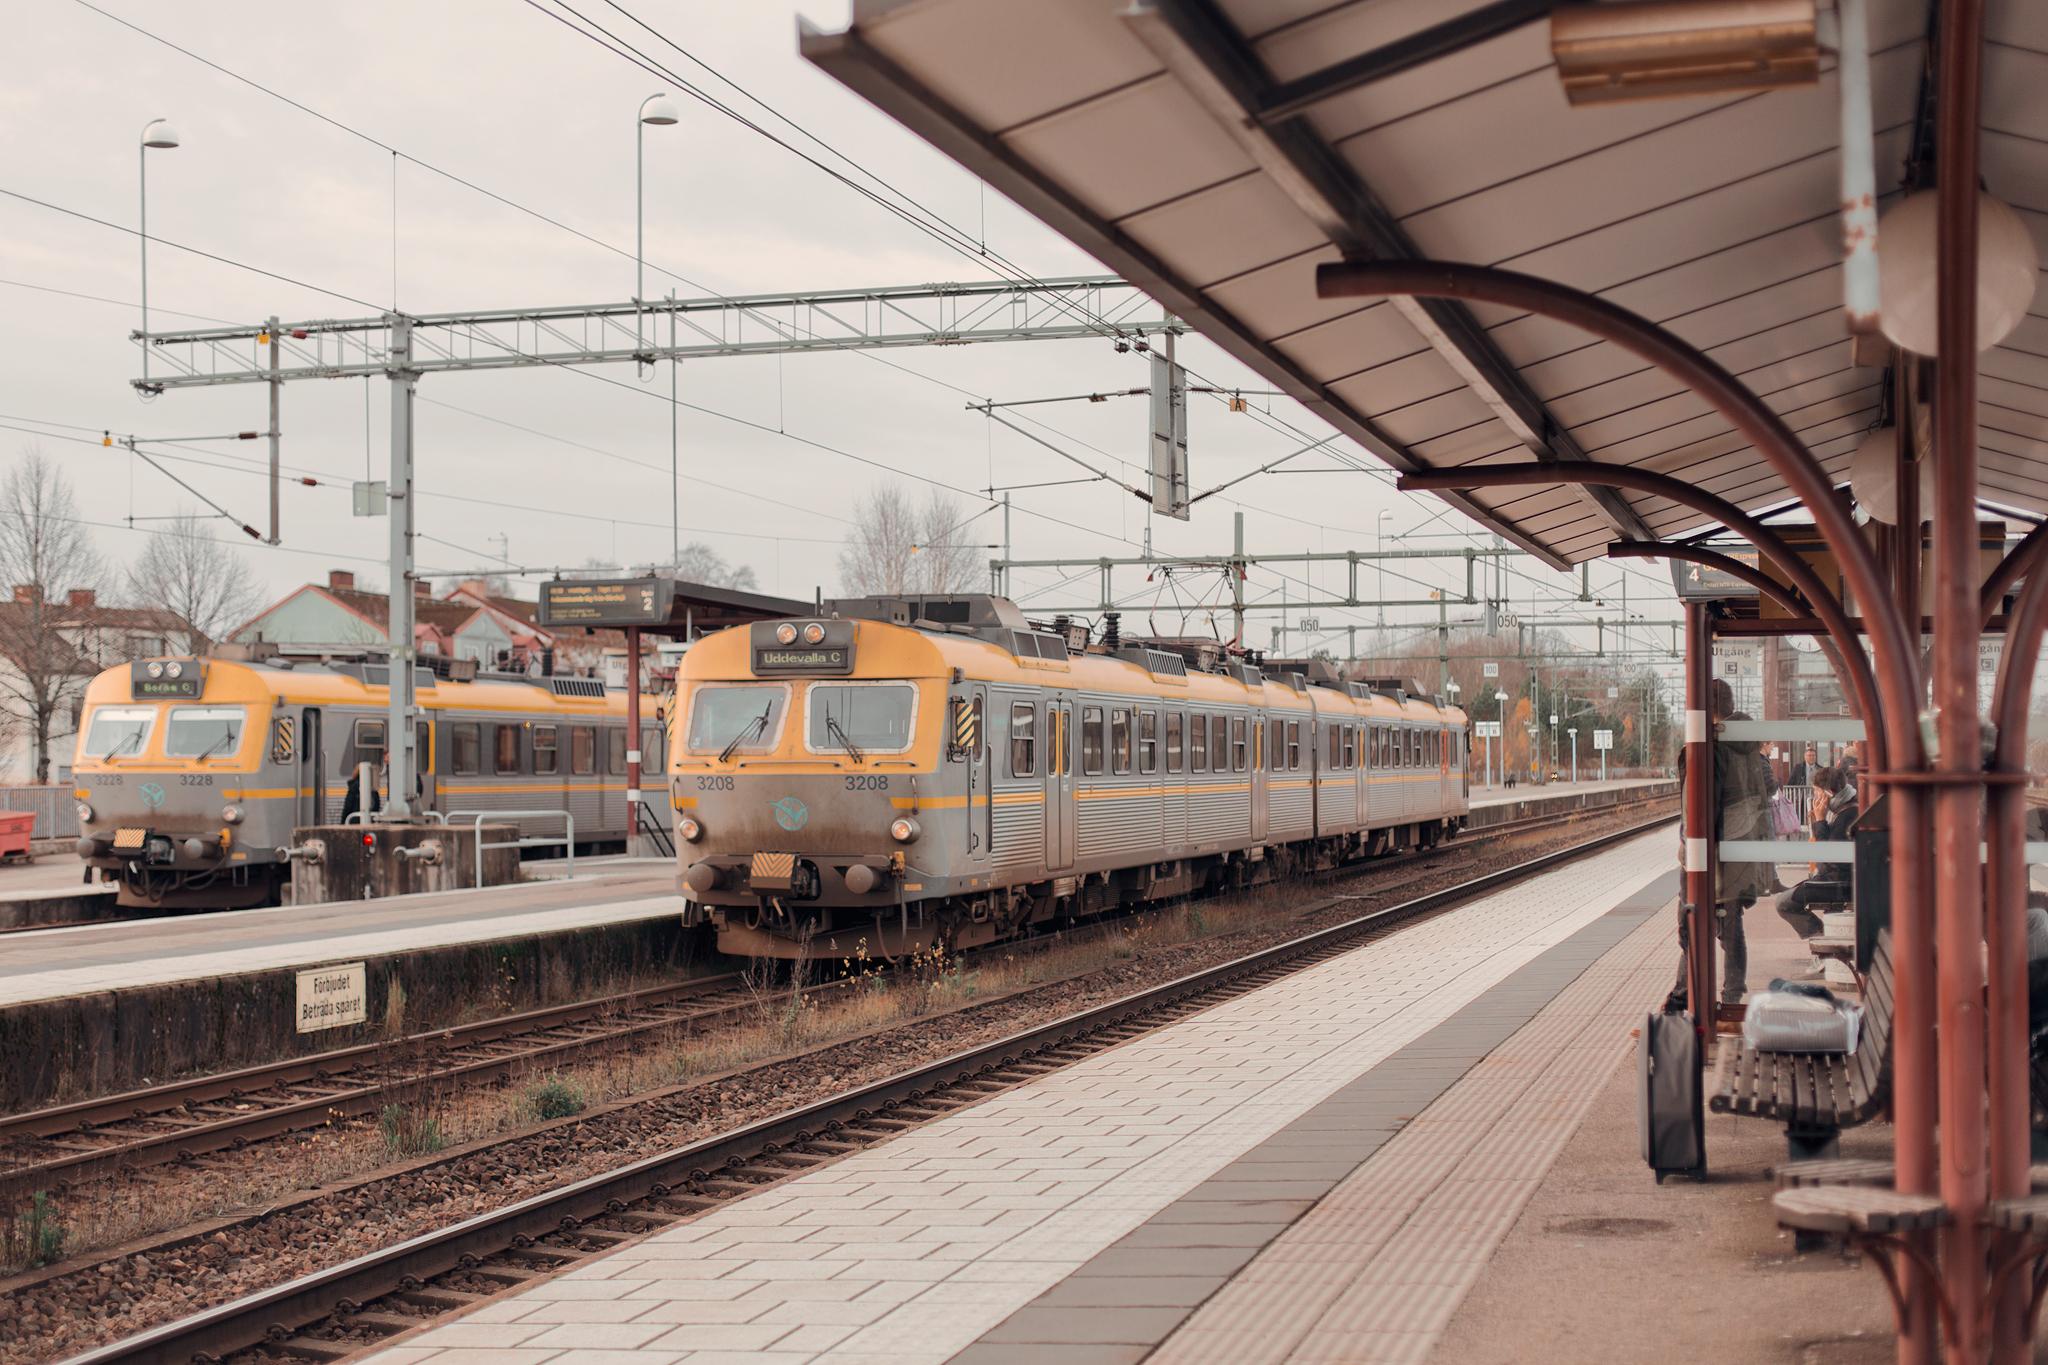 Resa till Gotland i Corona-tider – allt du behöver veta